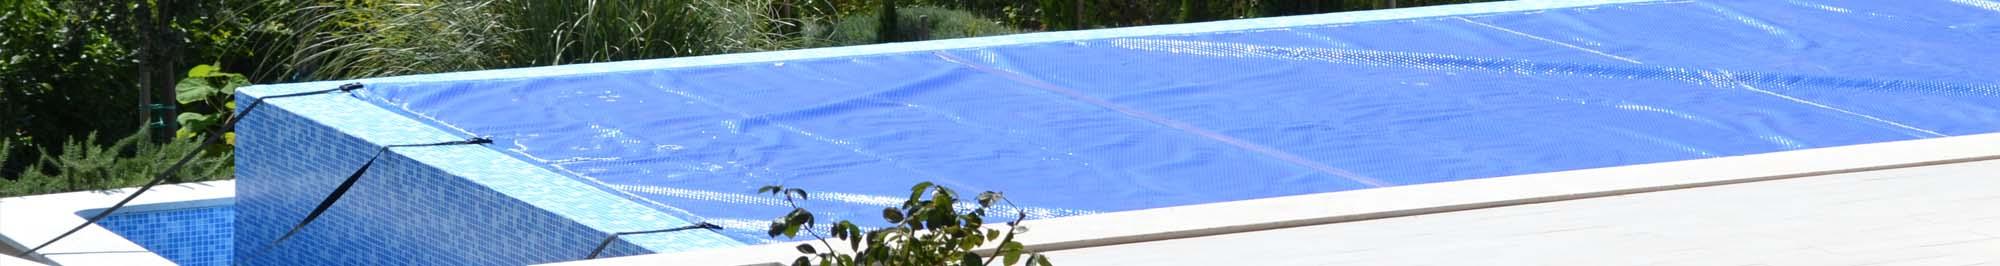 Pool reinigen awesome cheap ein mann mit einem netz den letzten teil des pools reinigen bevor - Holzmobel pflegen hausmittel ...